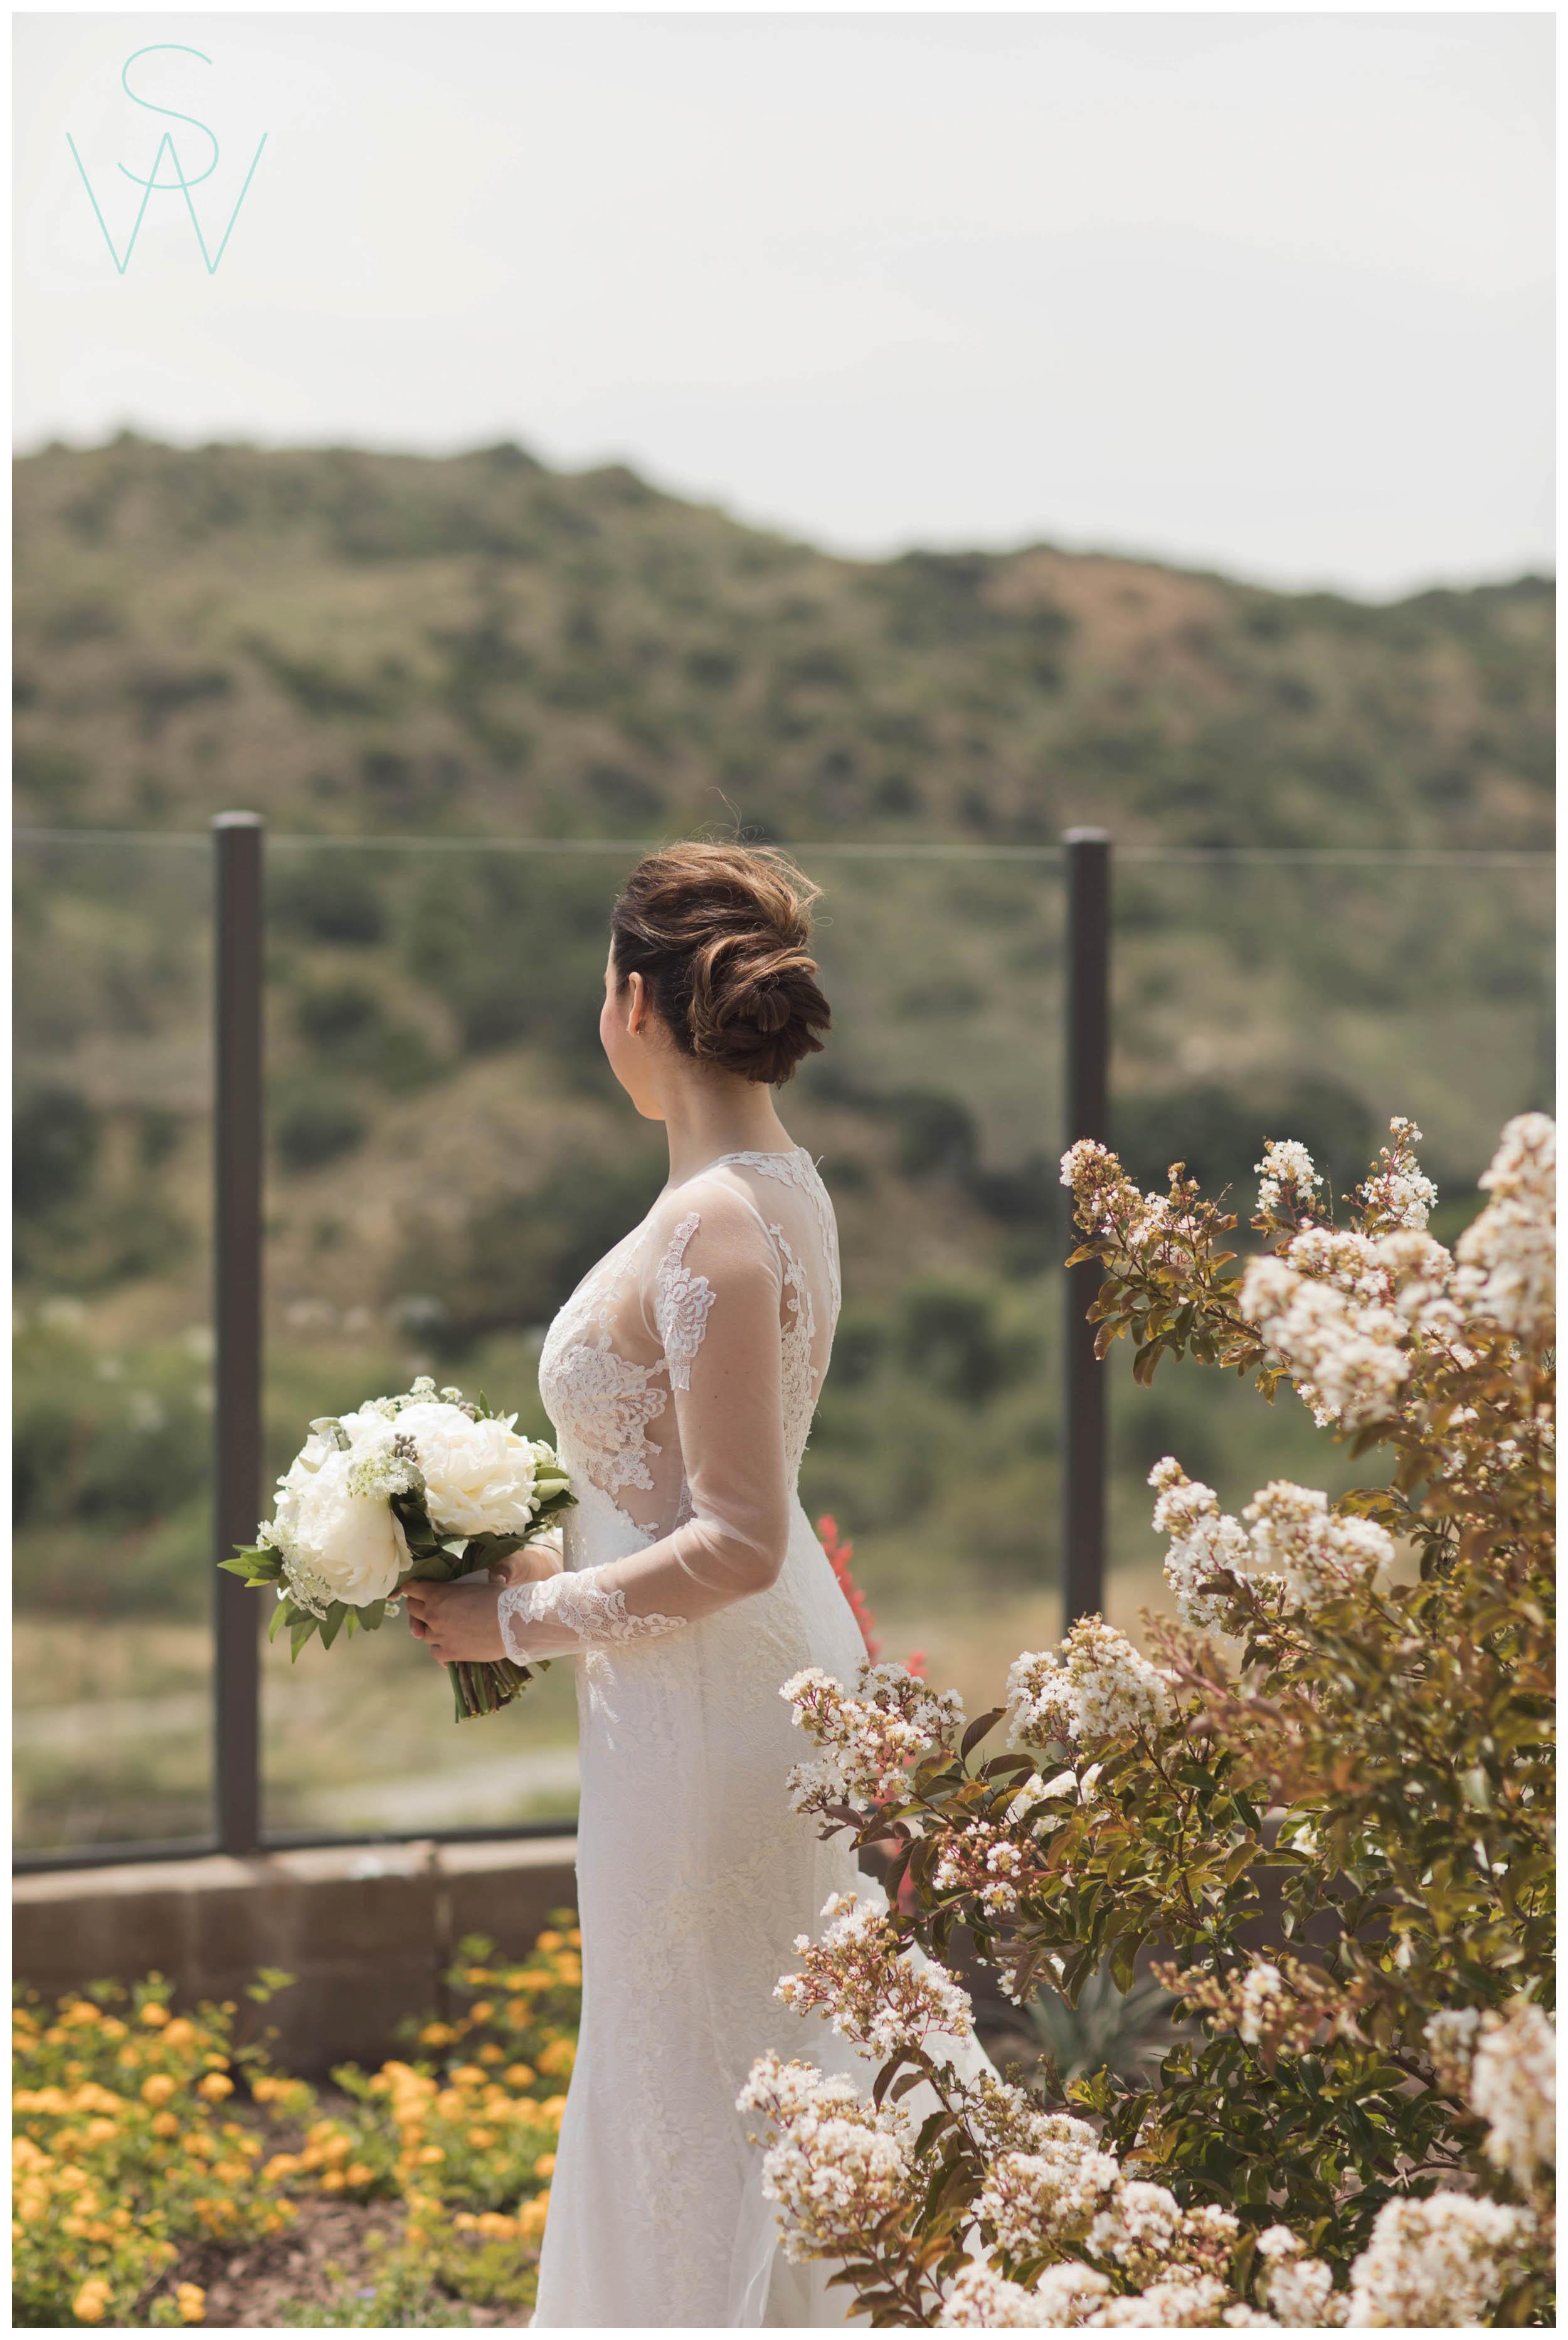 Shewanders.san_.diego_.wedding.photography.private.estate.tara_.jason-3778.jpg.diego_.wedding.photography.private.estate.tara_.jason-377.jpg